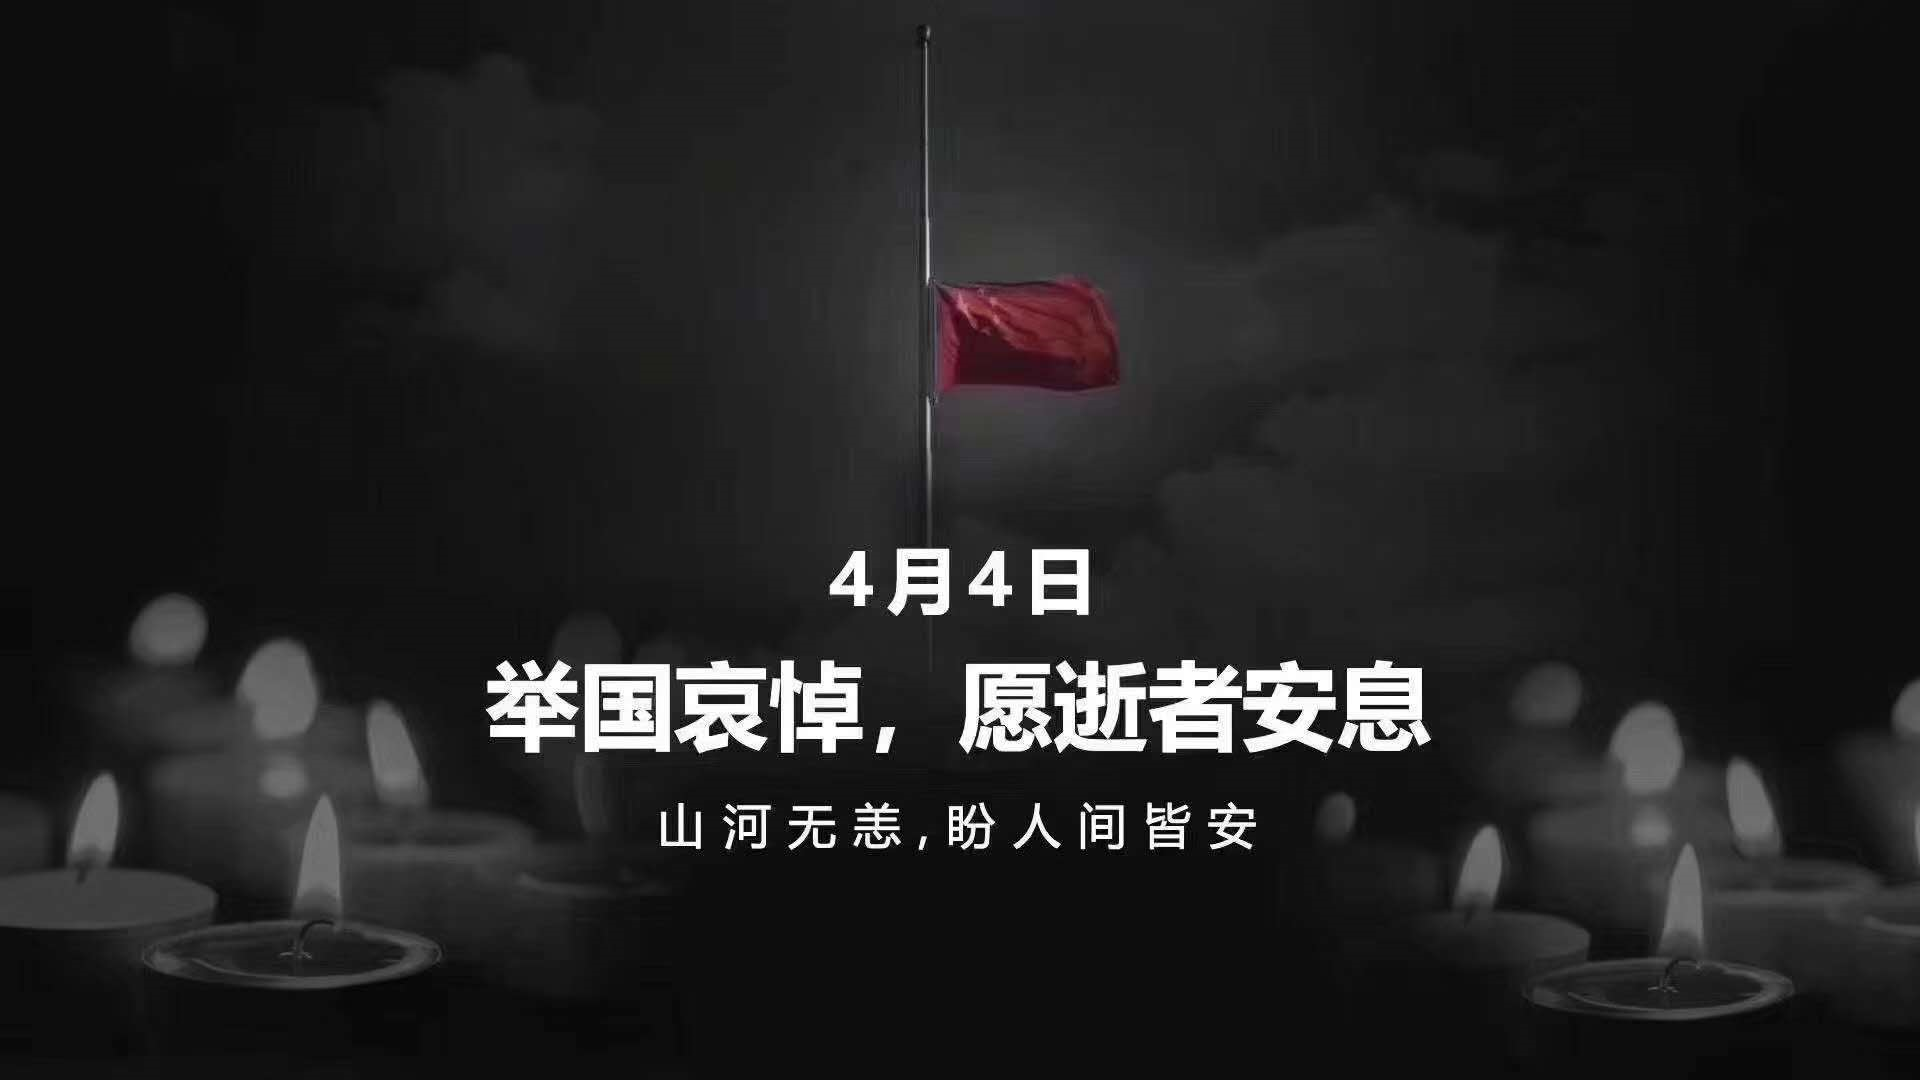 4月4日:举国哀悼,愿逝者安息